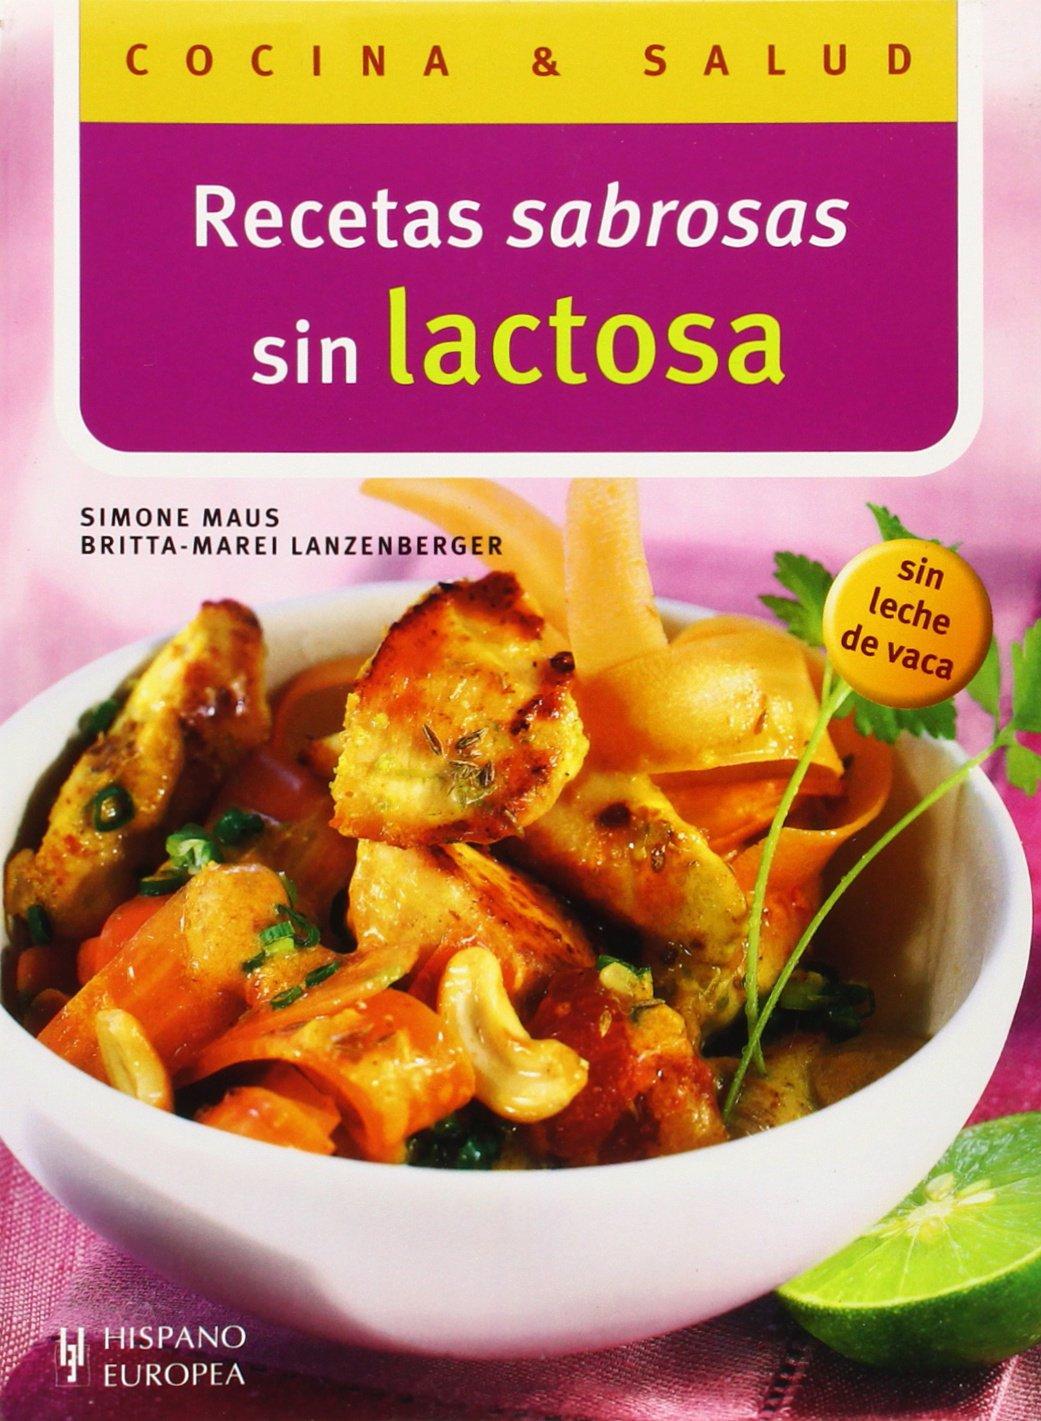 Recetas sabrosas sin lactosa (Cocina & salud): Amazon.es: Simone Maus: Libros